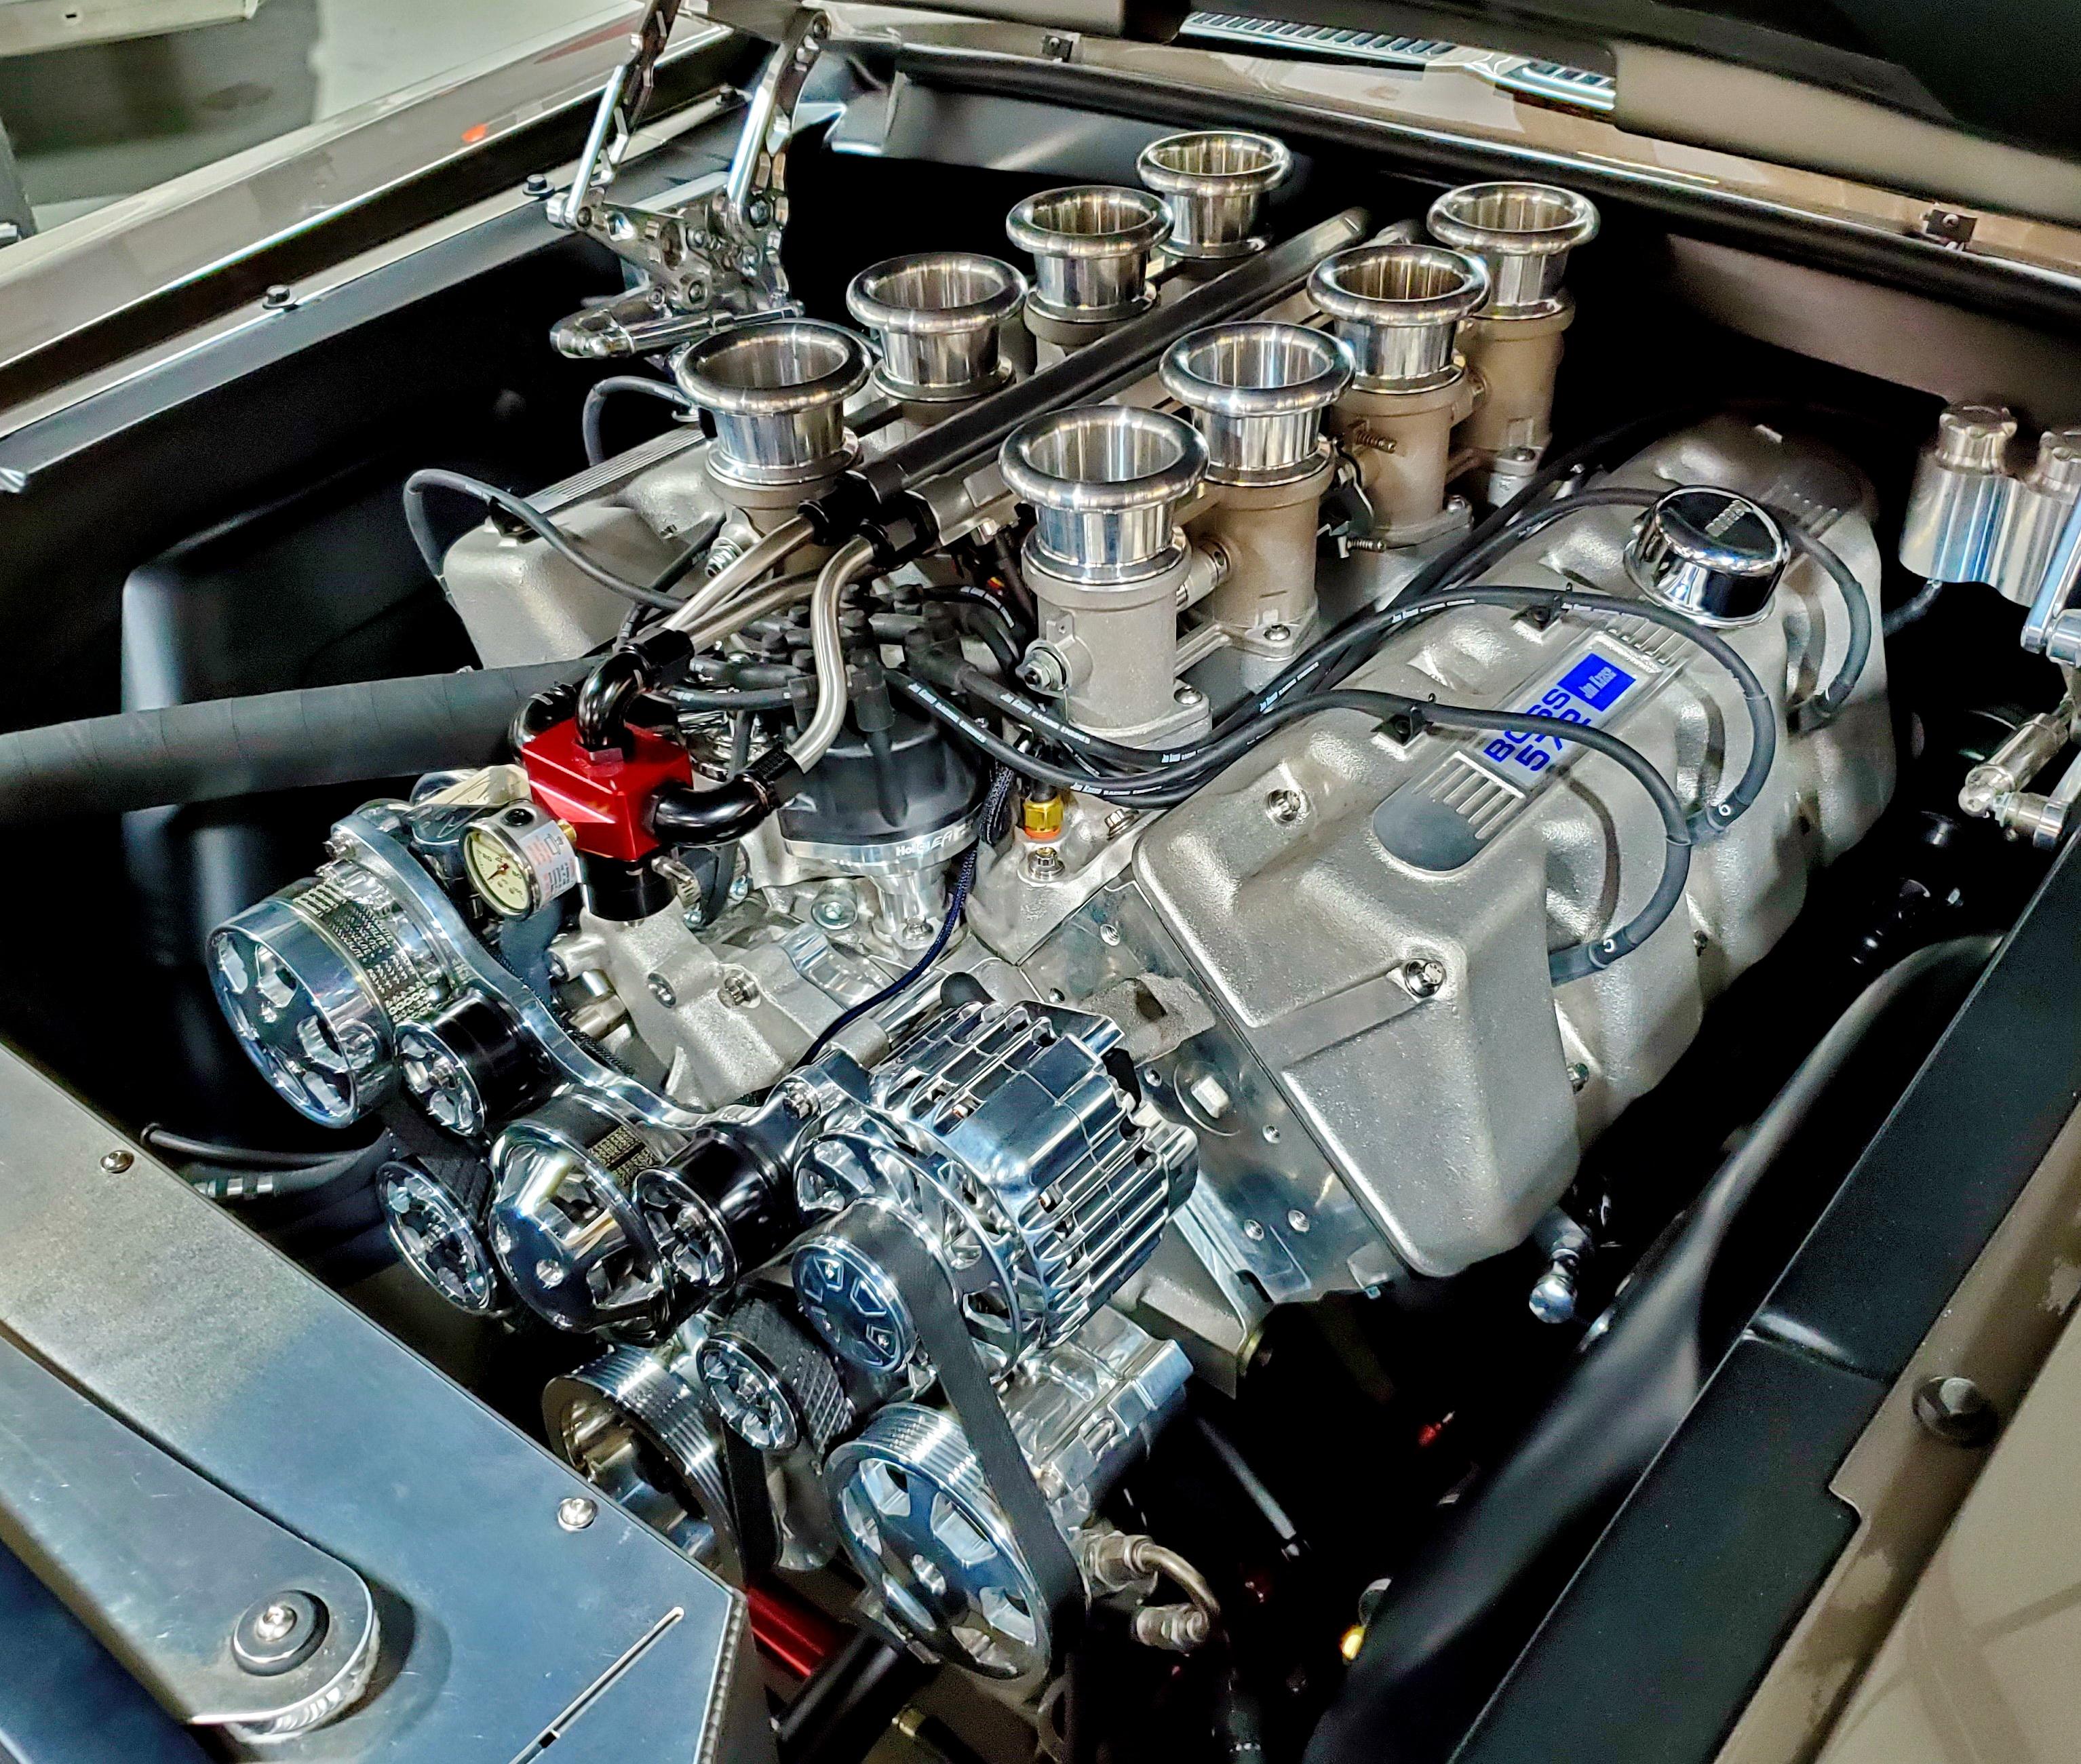 Cool Stang Motor